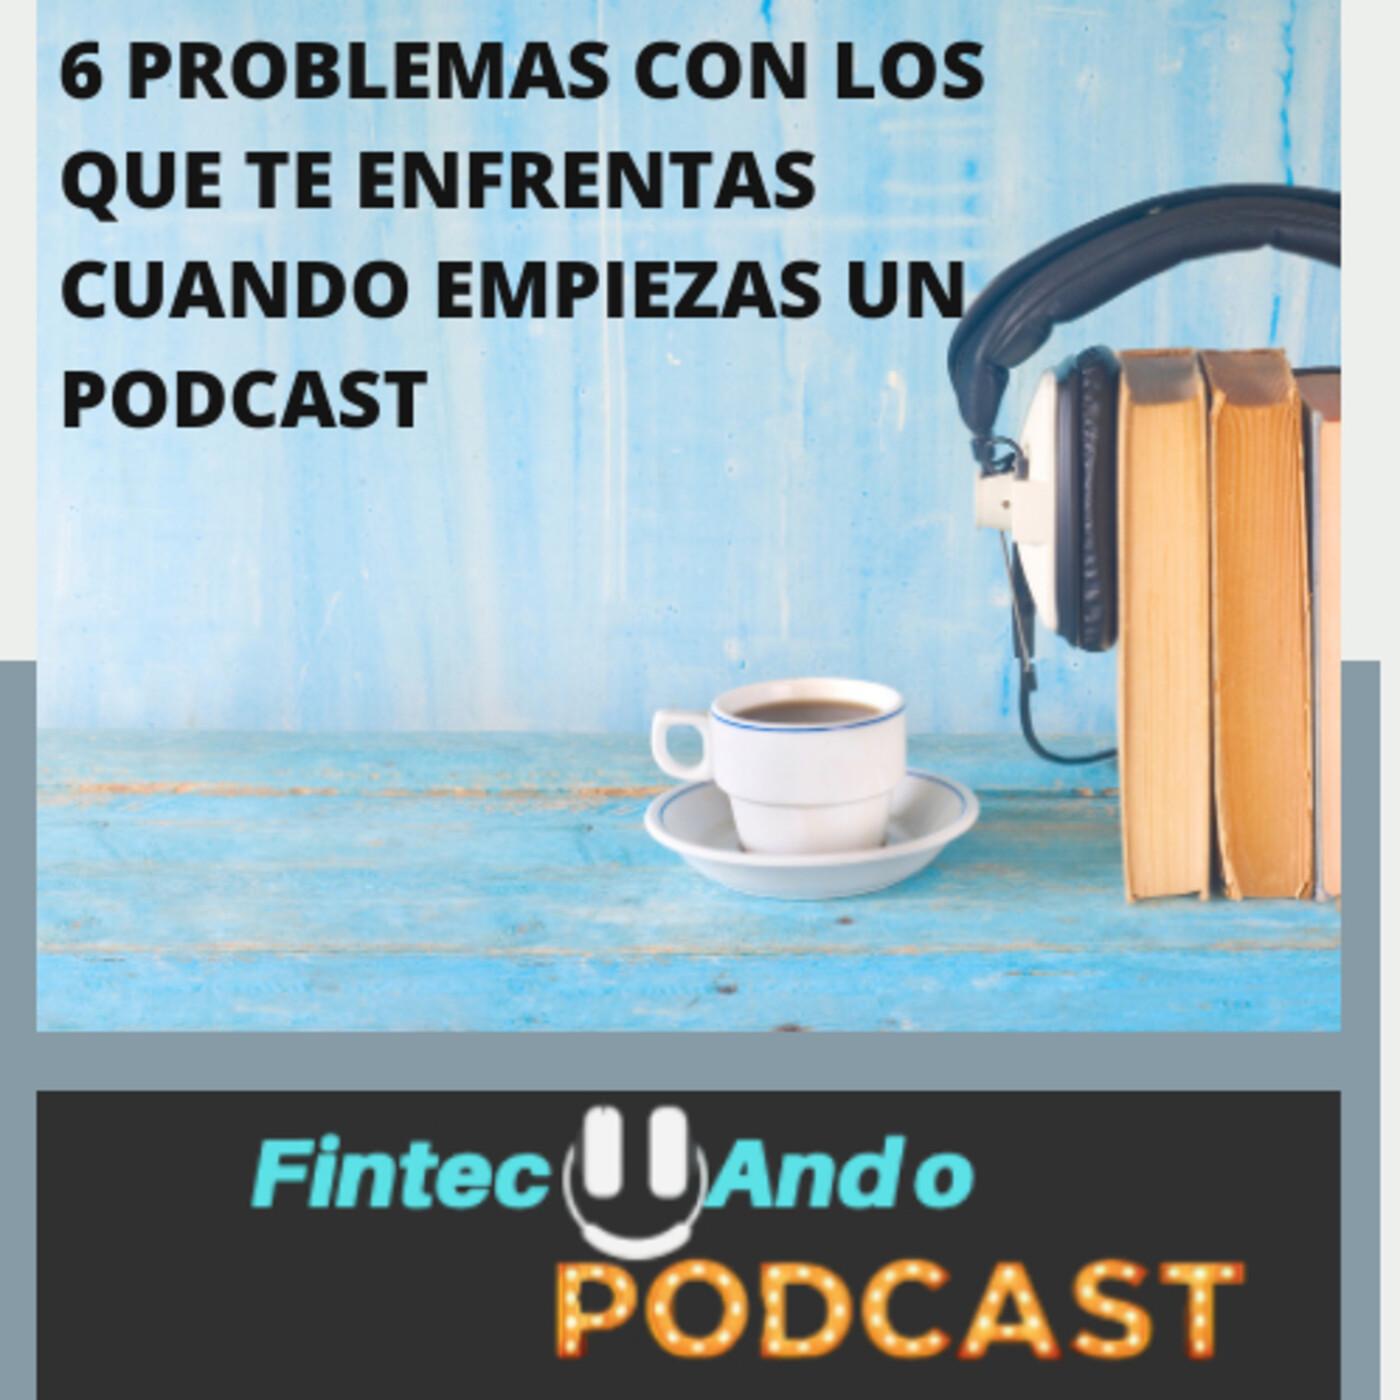 #33 6 Problemas con los que te enfrentas cuando inicias un podcast